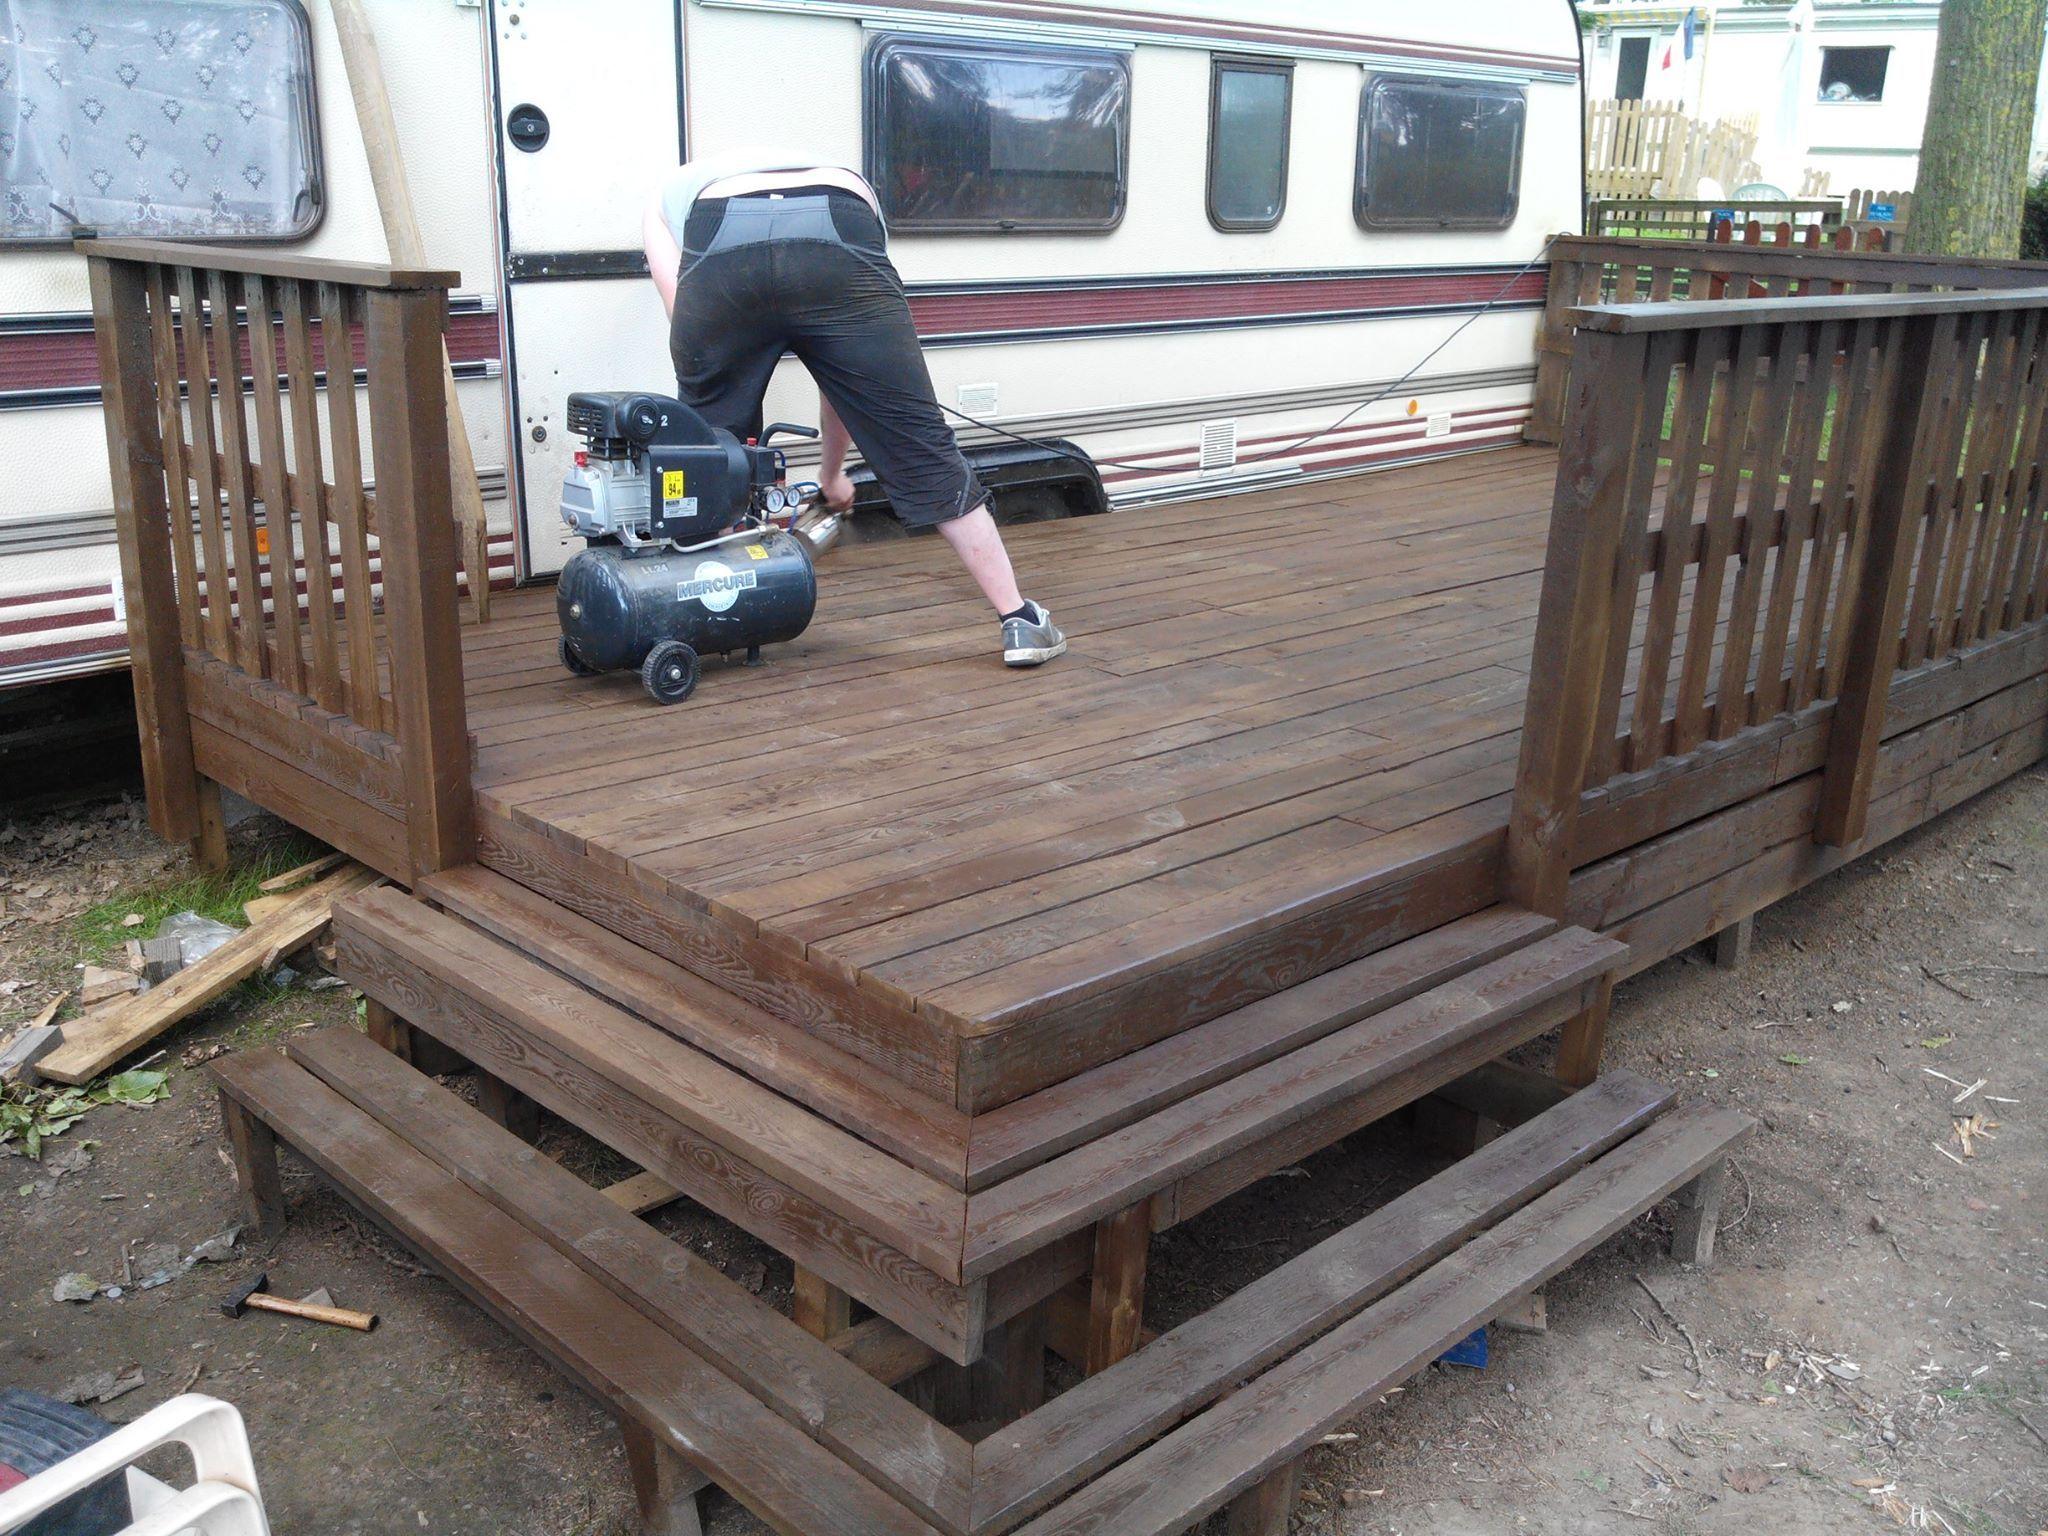 terrasse mobil home objet et meuble en palette - Meuble Terrasse